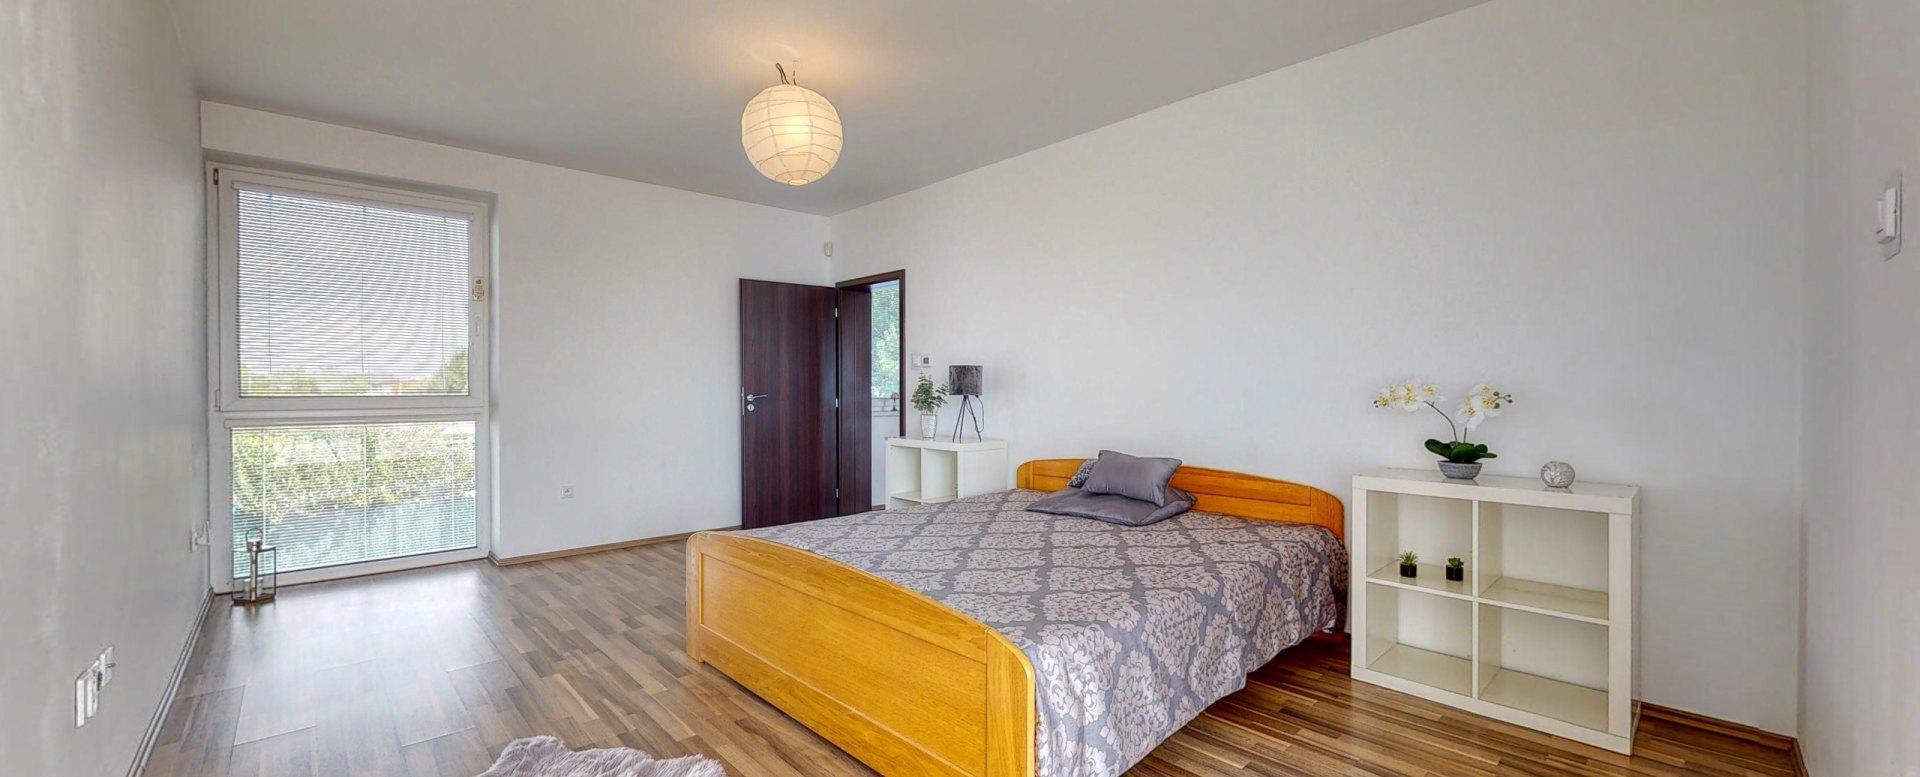 Pohľad na manželskú posteľ, okno a vstup do spálne